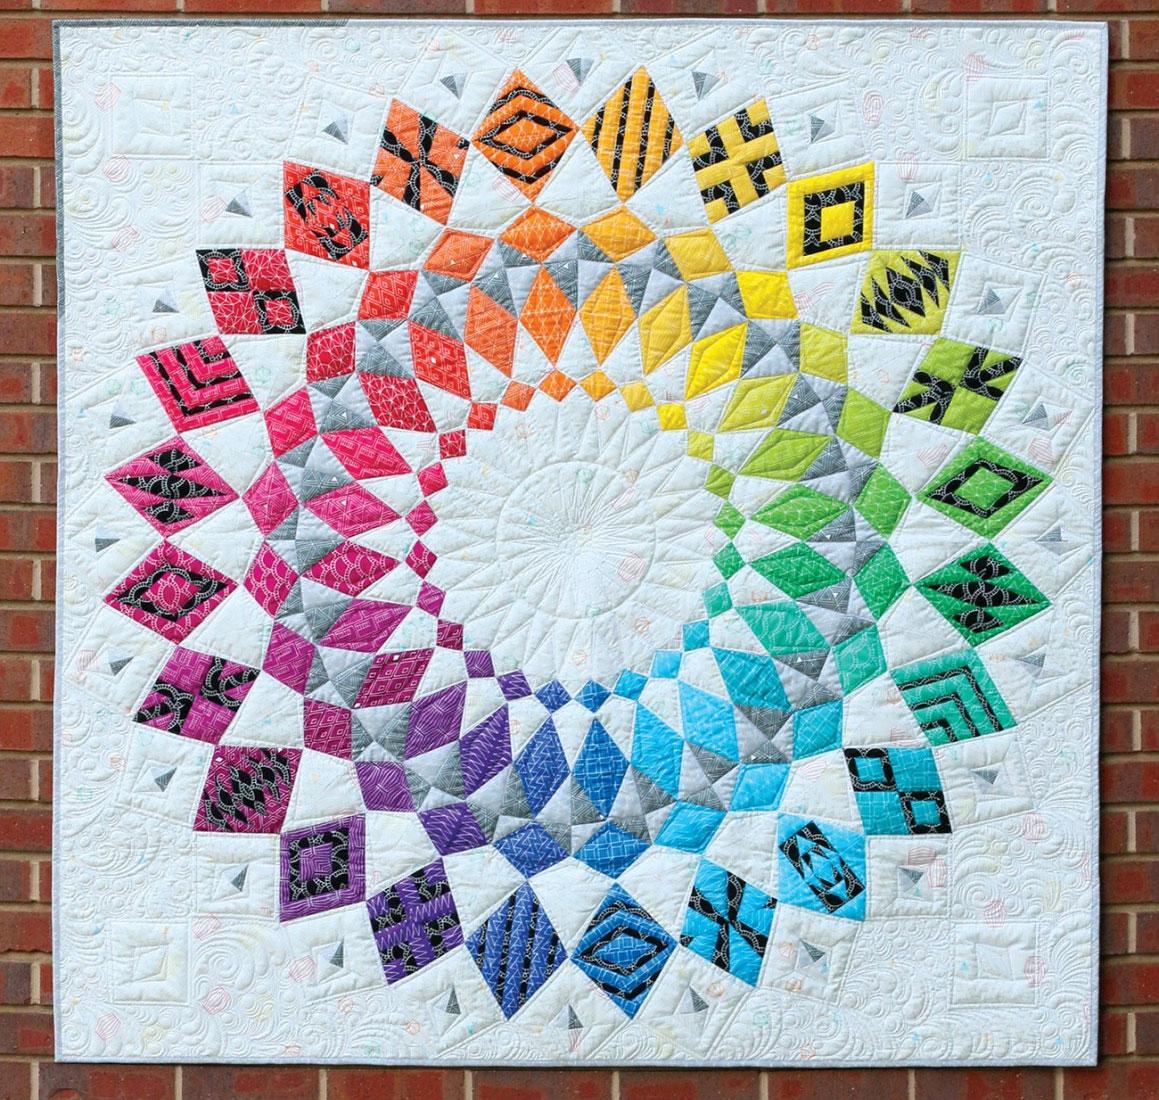 Cadence-Court-quilt-sewing-pattern-Sassafras-Lane-Designs-2